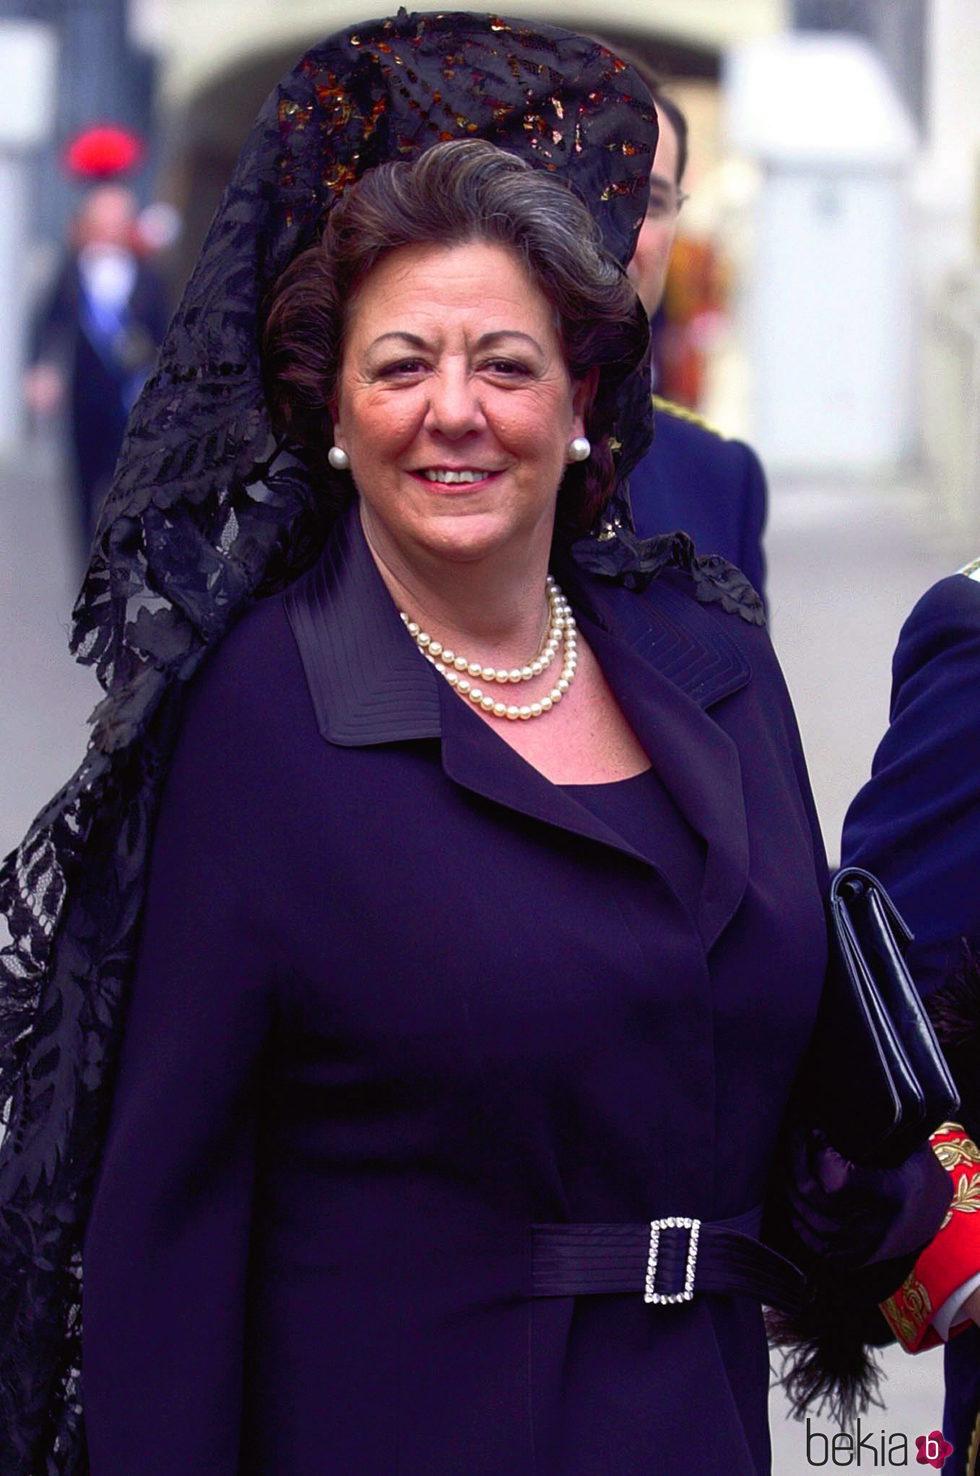 Rita Barberá con mantilla y peineta en El Vaticano